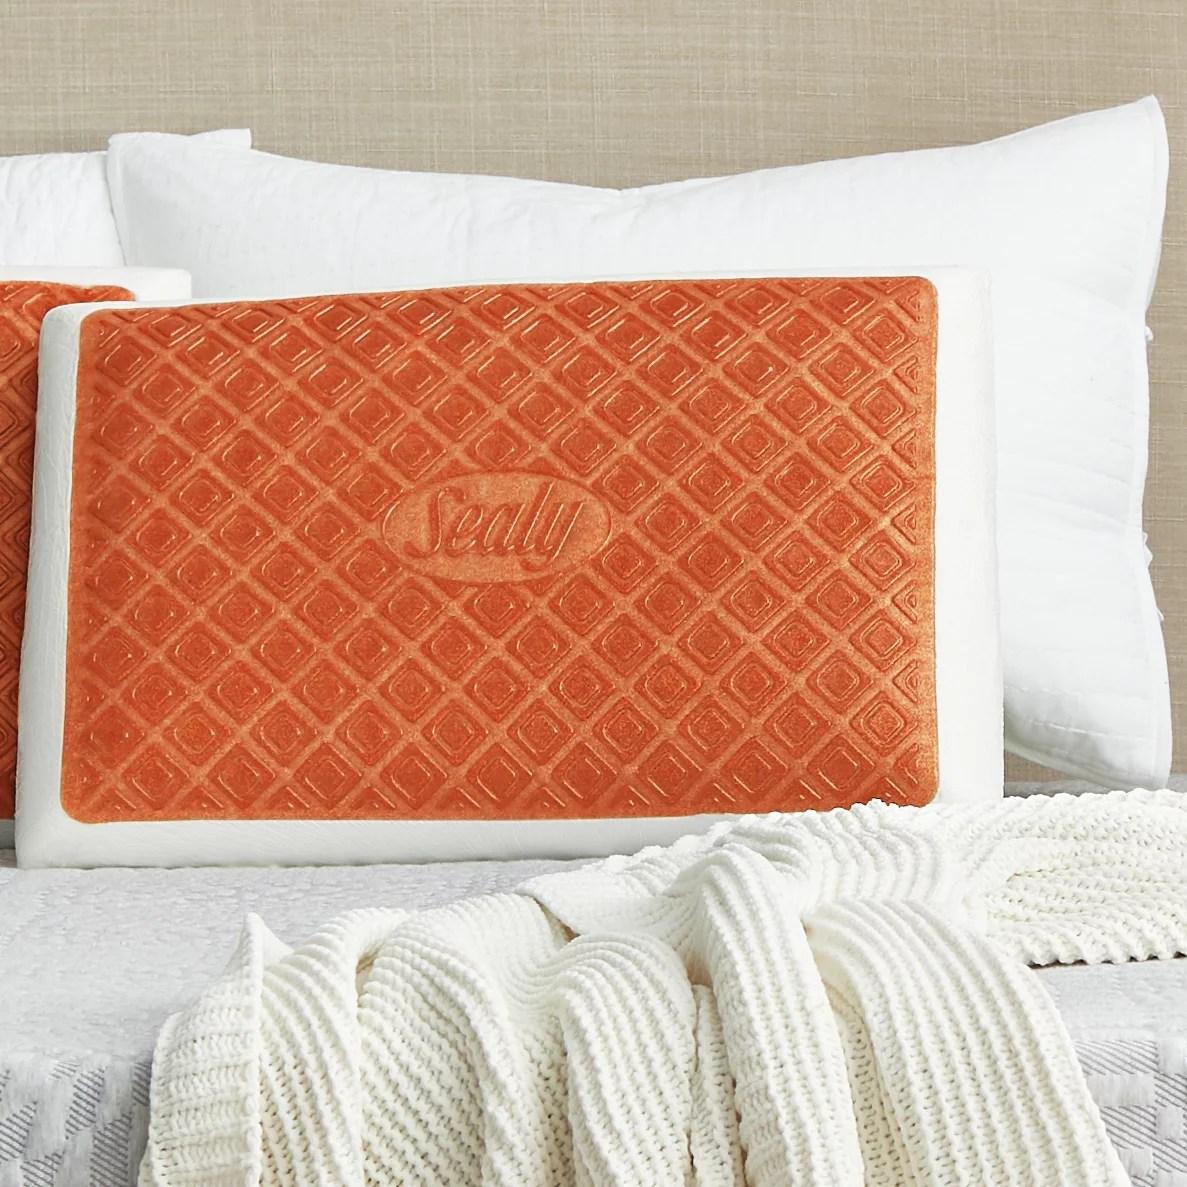 sealy memory foam gel standard pillow